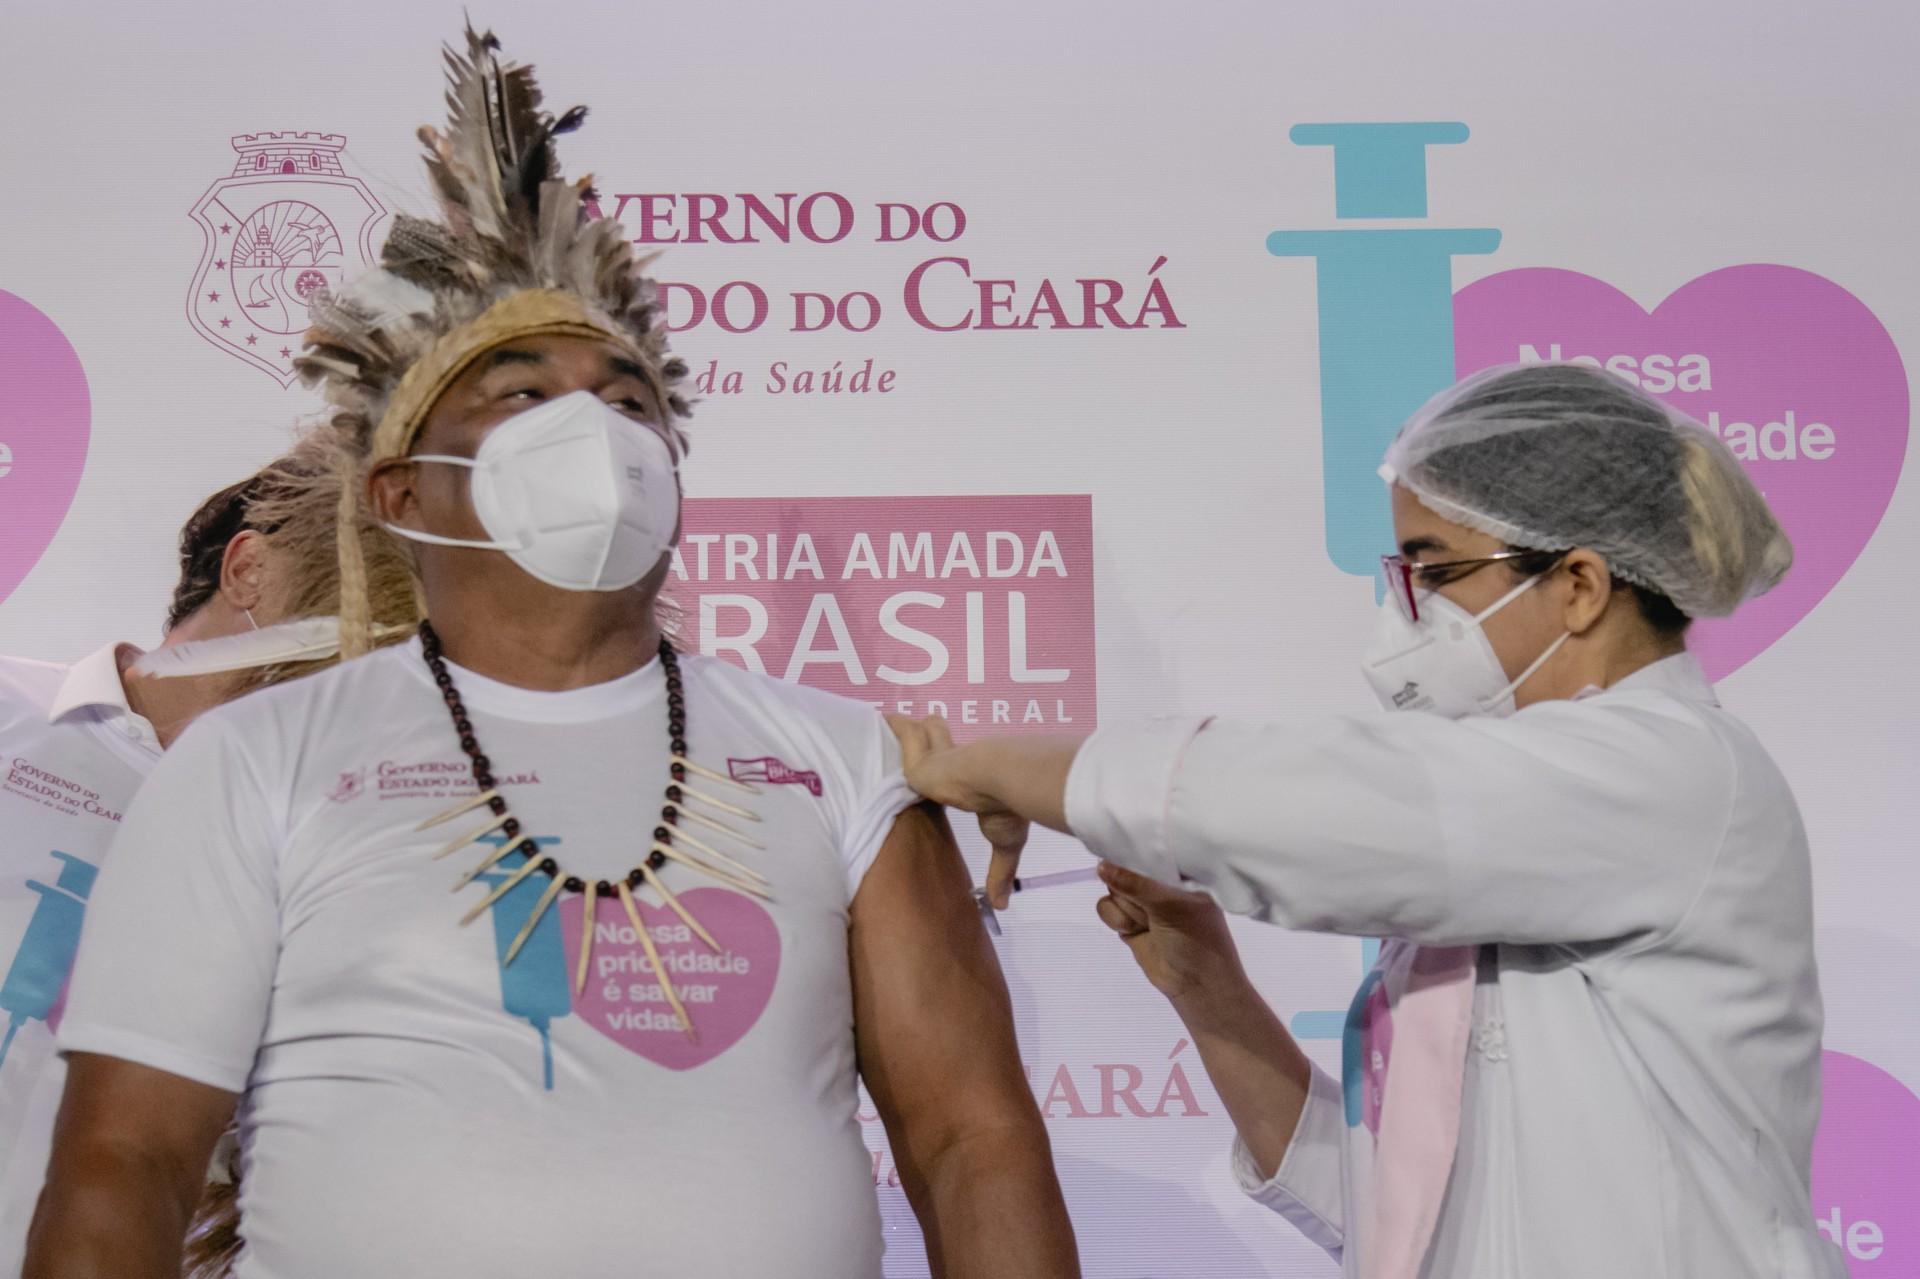 Dourado Tapeba, 59 anos, Indio. DIa que foi vacinada a primeira pessoa contra COVID-19 no Ceara/Fortaleza, no Hospital Leonardo da VInci. Em época de COVID-19